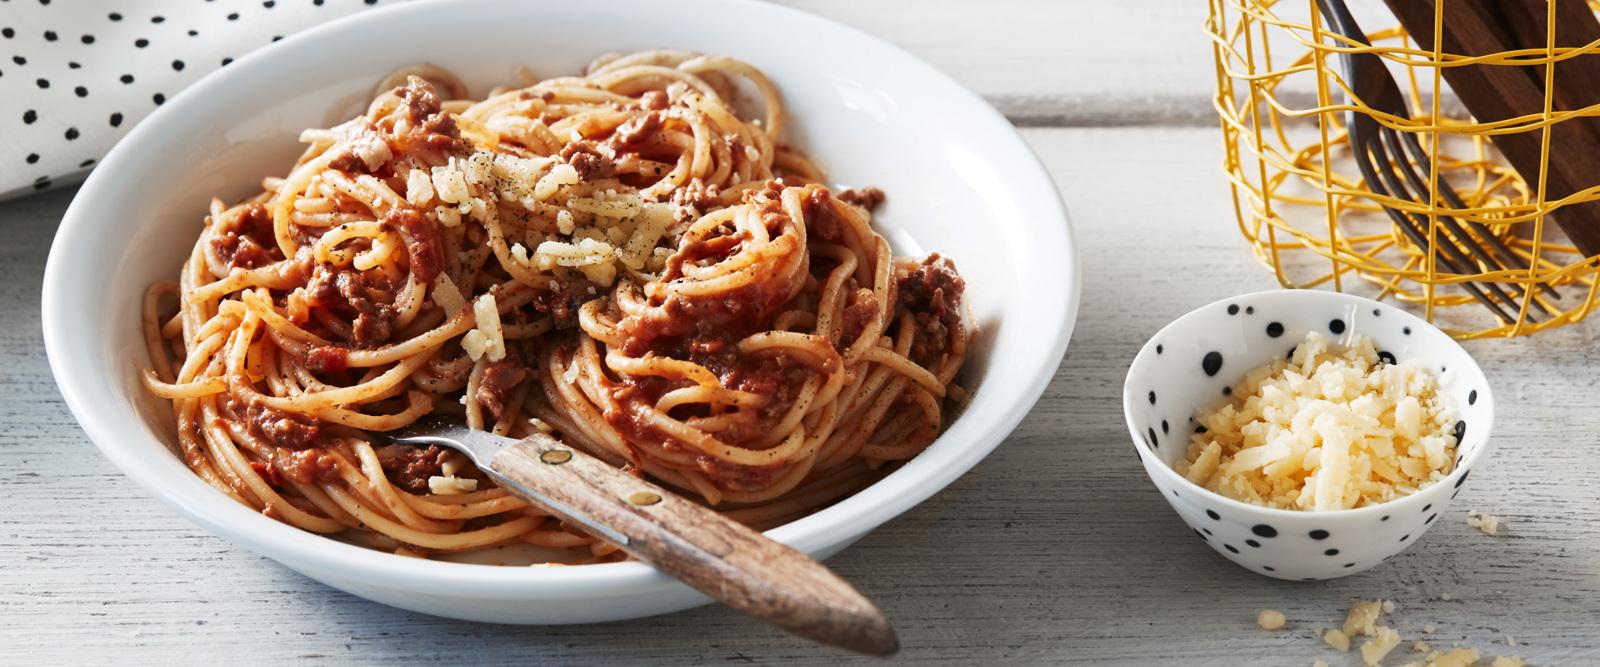 Snabba middagar med köttfärs - Recept - Tema